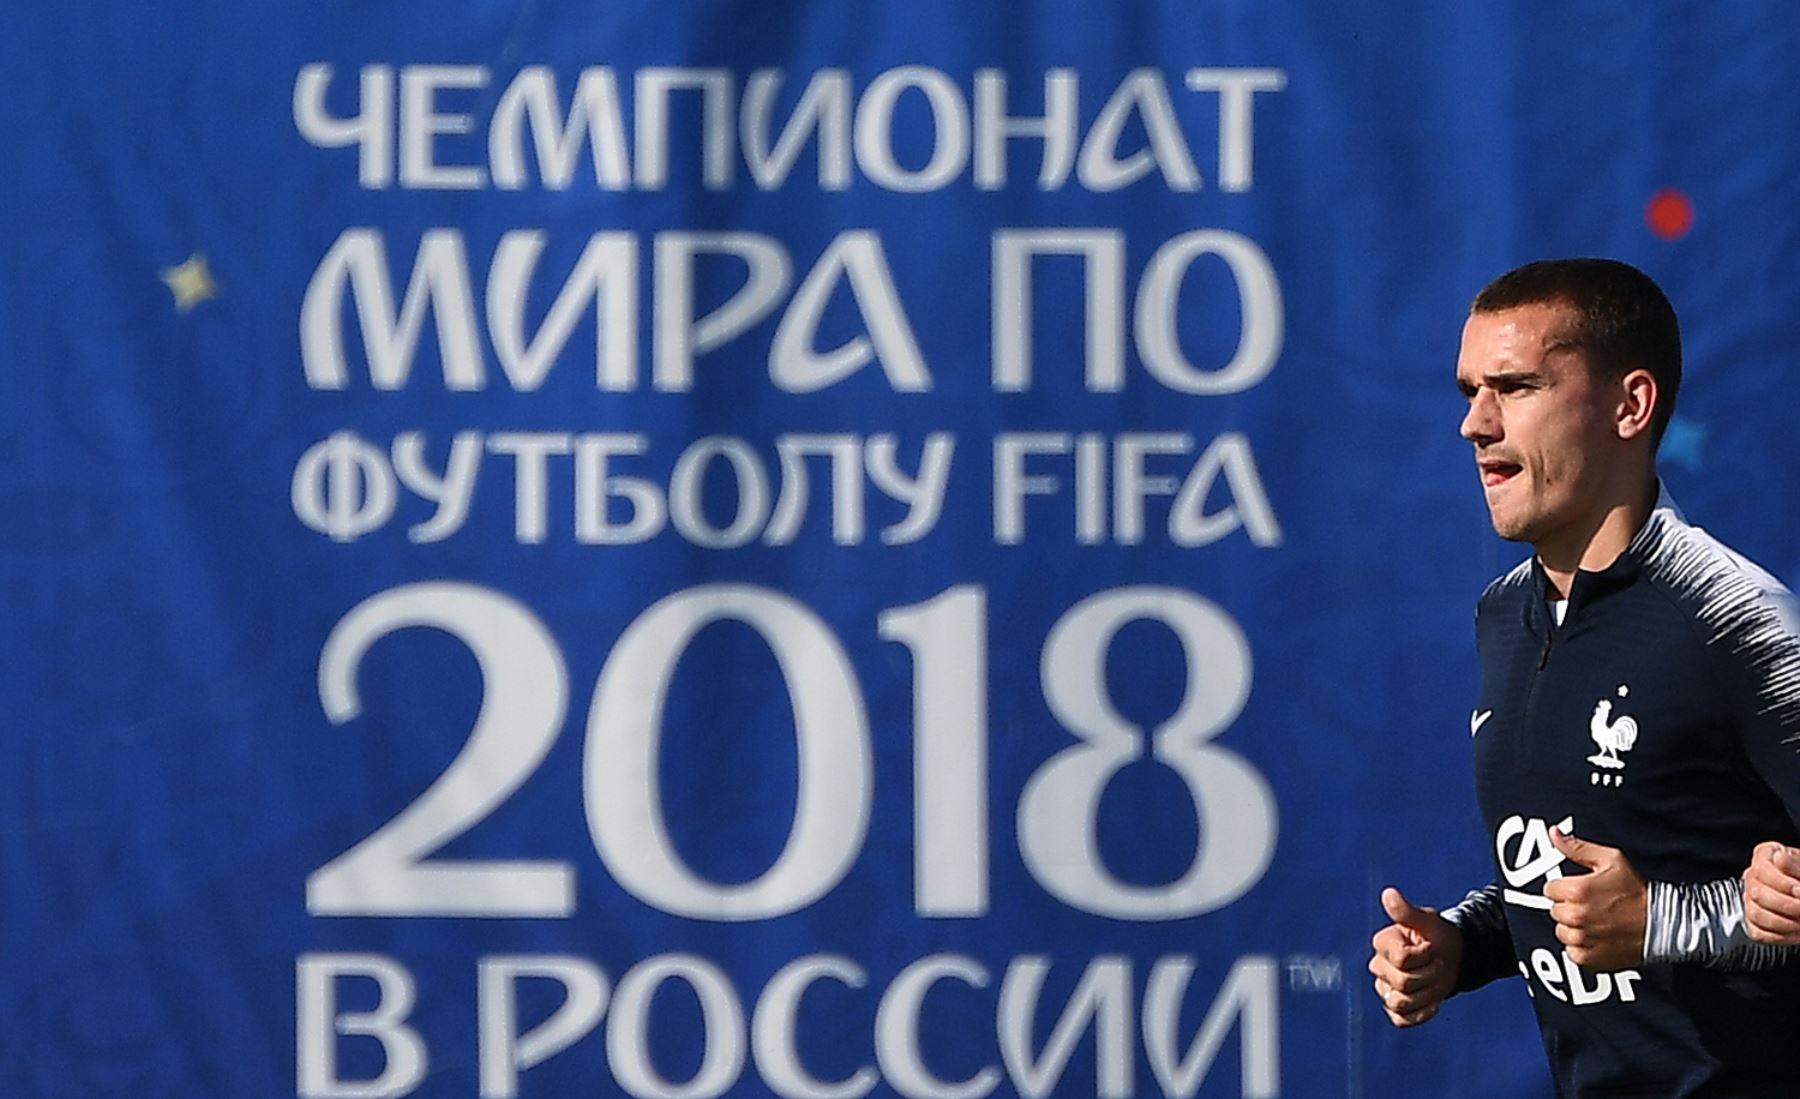 El alero de Francia Antoine Griezmann corre durante una sesión de entrenamiento en el estadio Glebovets en Istra, al oeste de Moscú el 18 de junio de 2018, antes de su partido de fútbol Rusia C del Grupo C de la Copa Mundial 2018 contra Perú. Foto: AFP